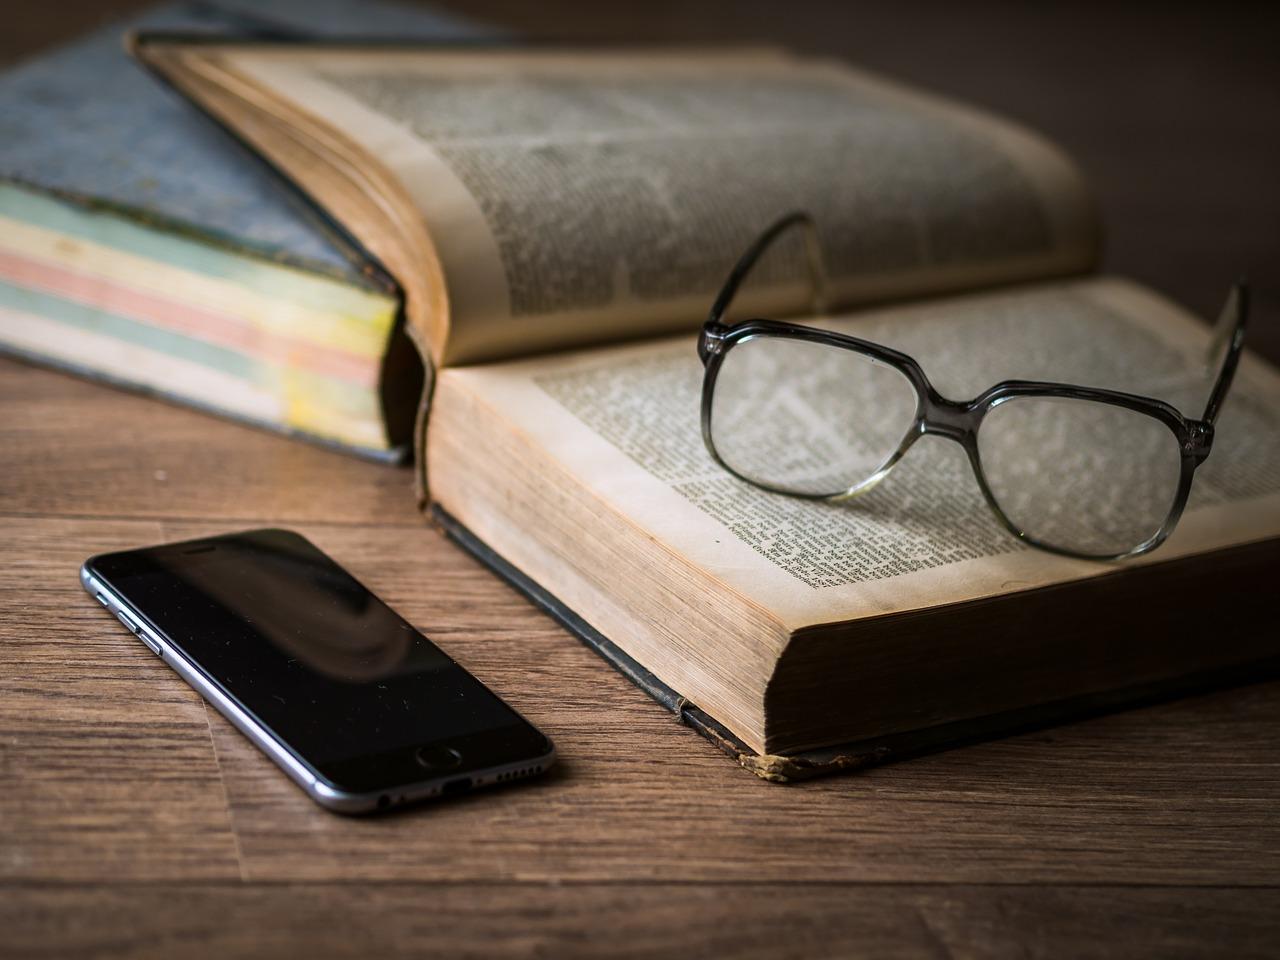 Smartphone, gafas y libro